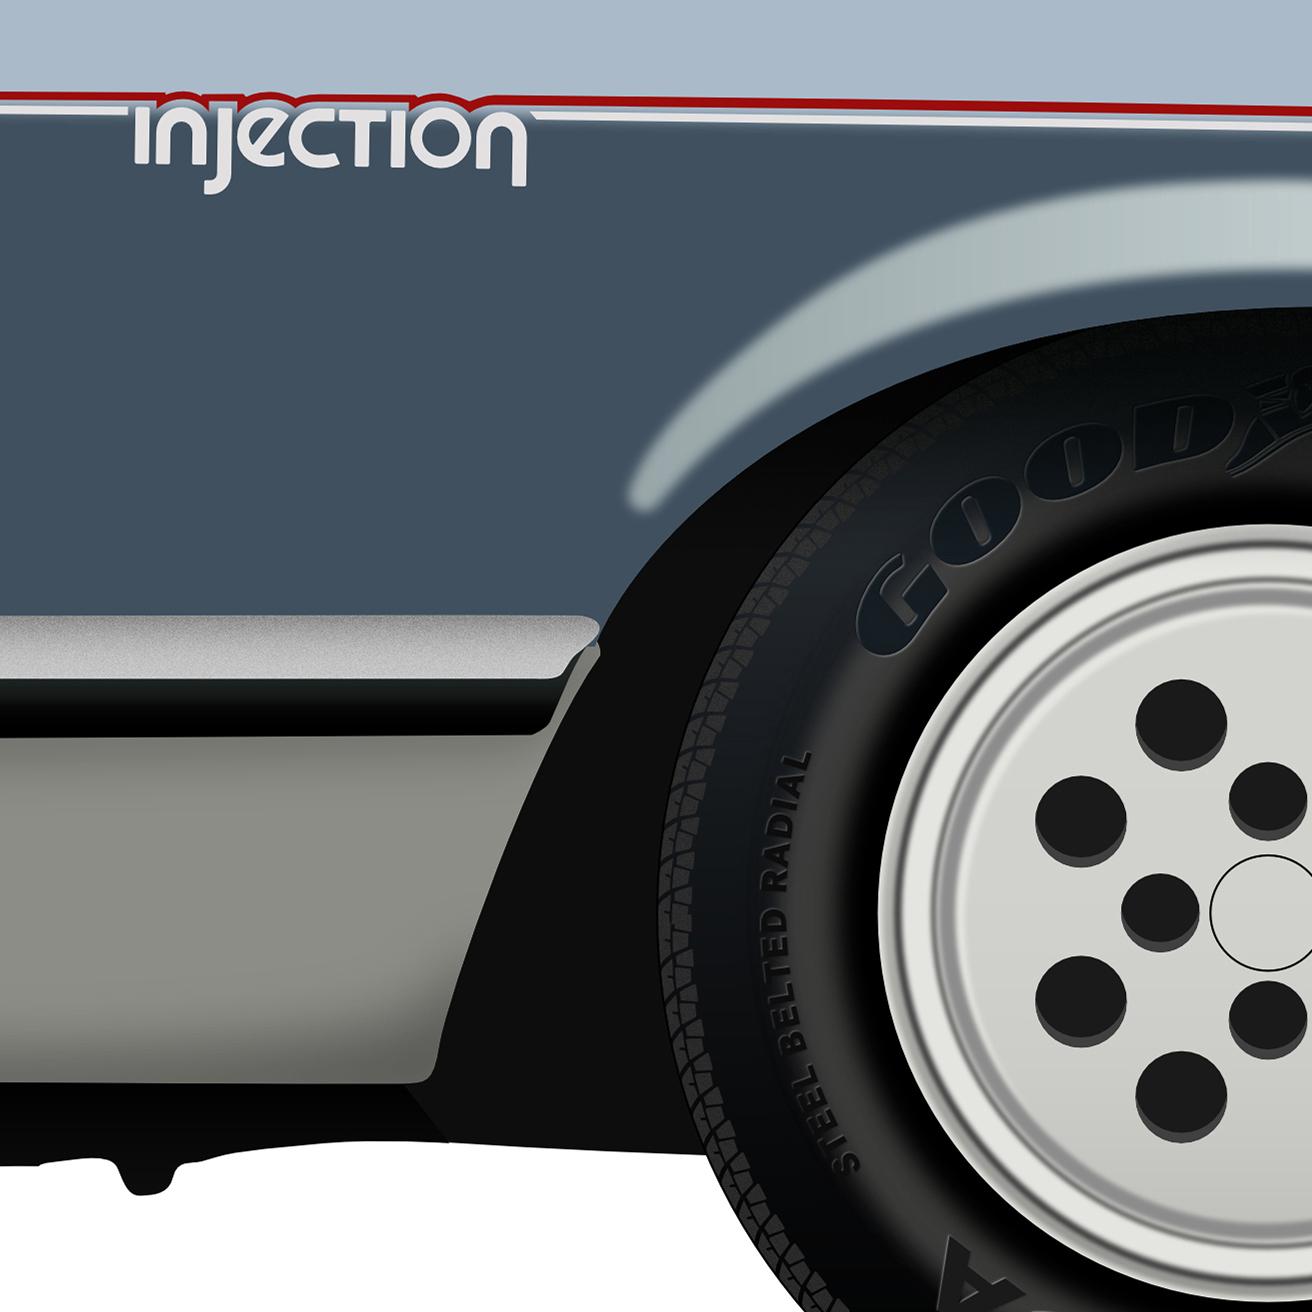 FordCapriMk3-Macro-1.jpg